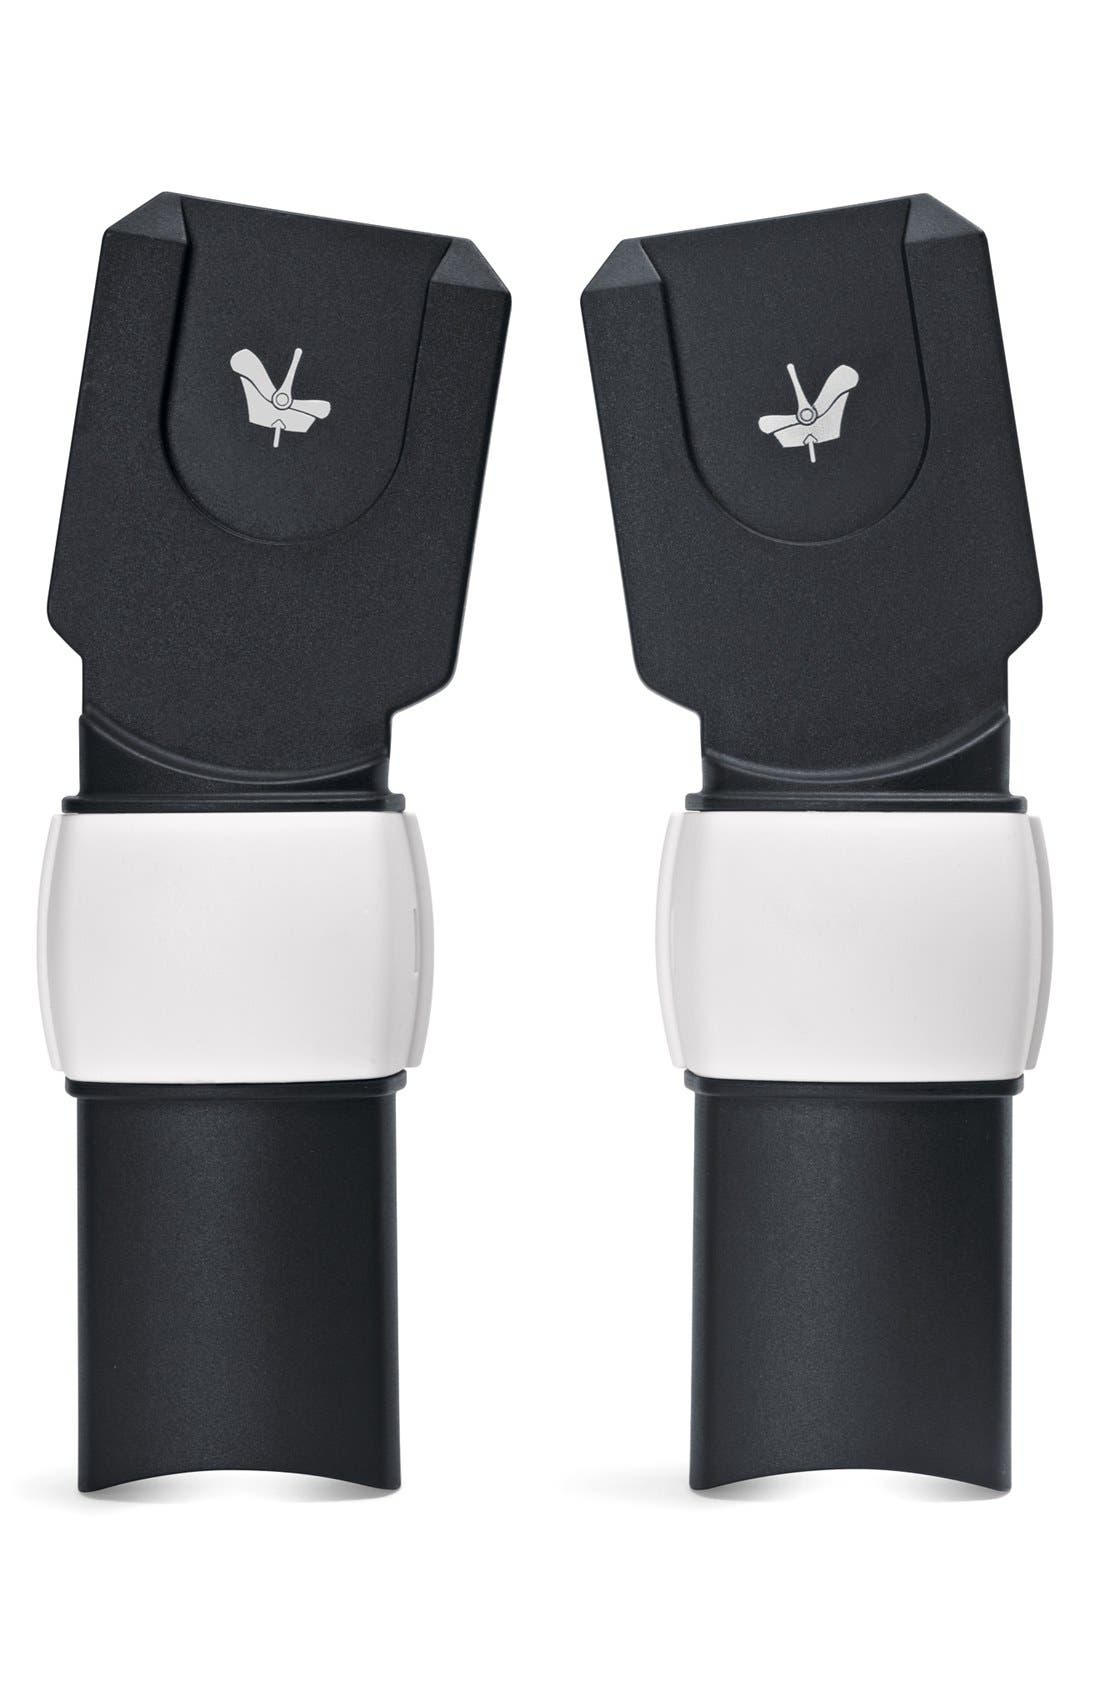 'Buffalo' Maxi Cosi Car Seat Adaptors,                             Main thumbnail 1, color,                             001